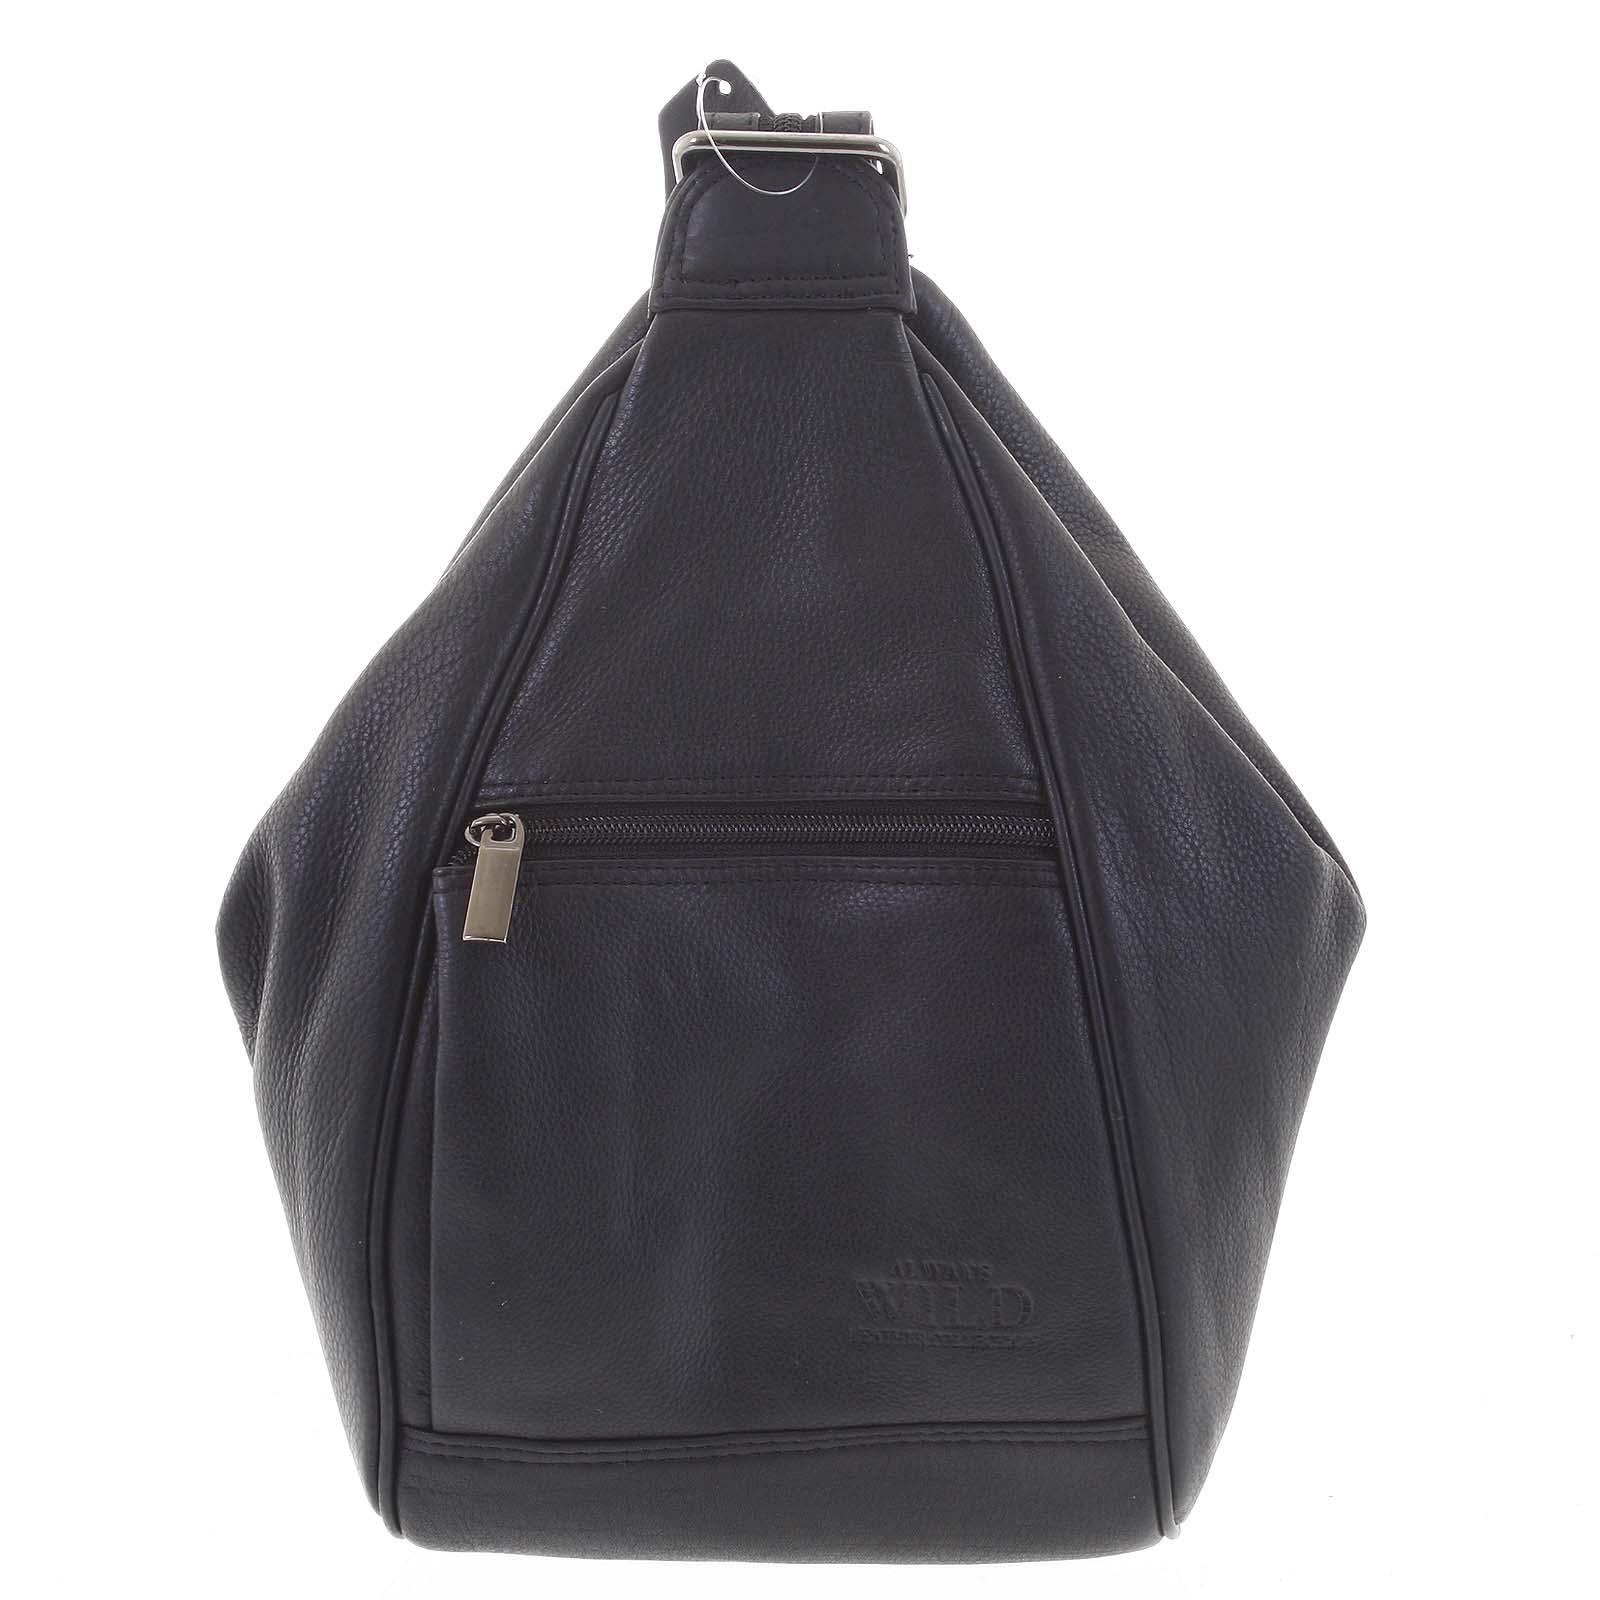 Dámsky kožený batôžtek čierny - WILD Queen